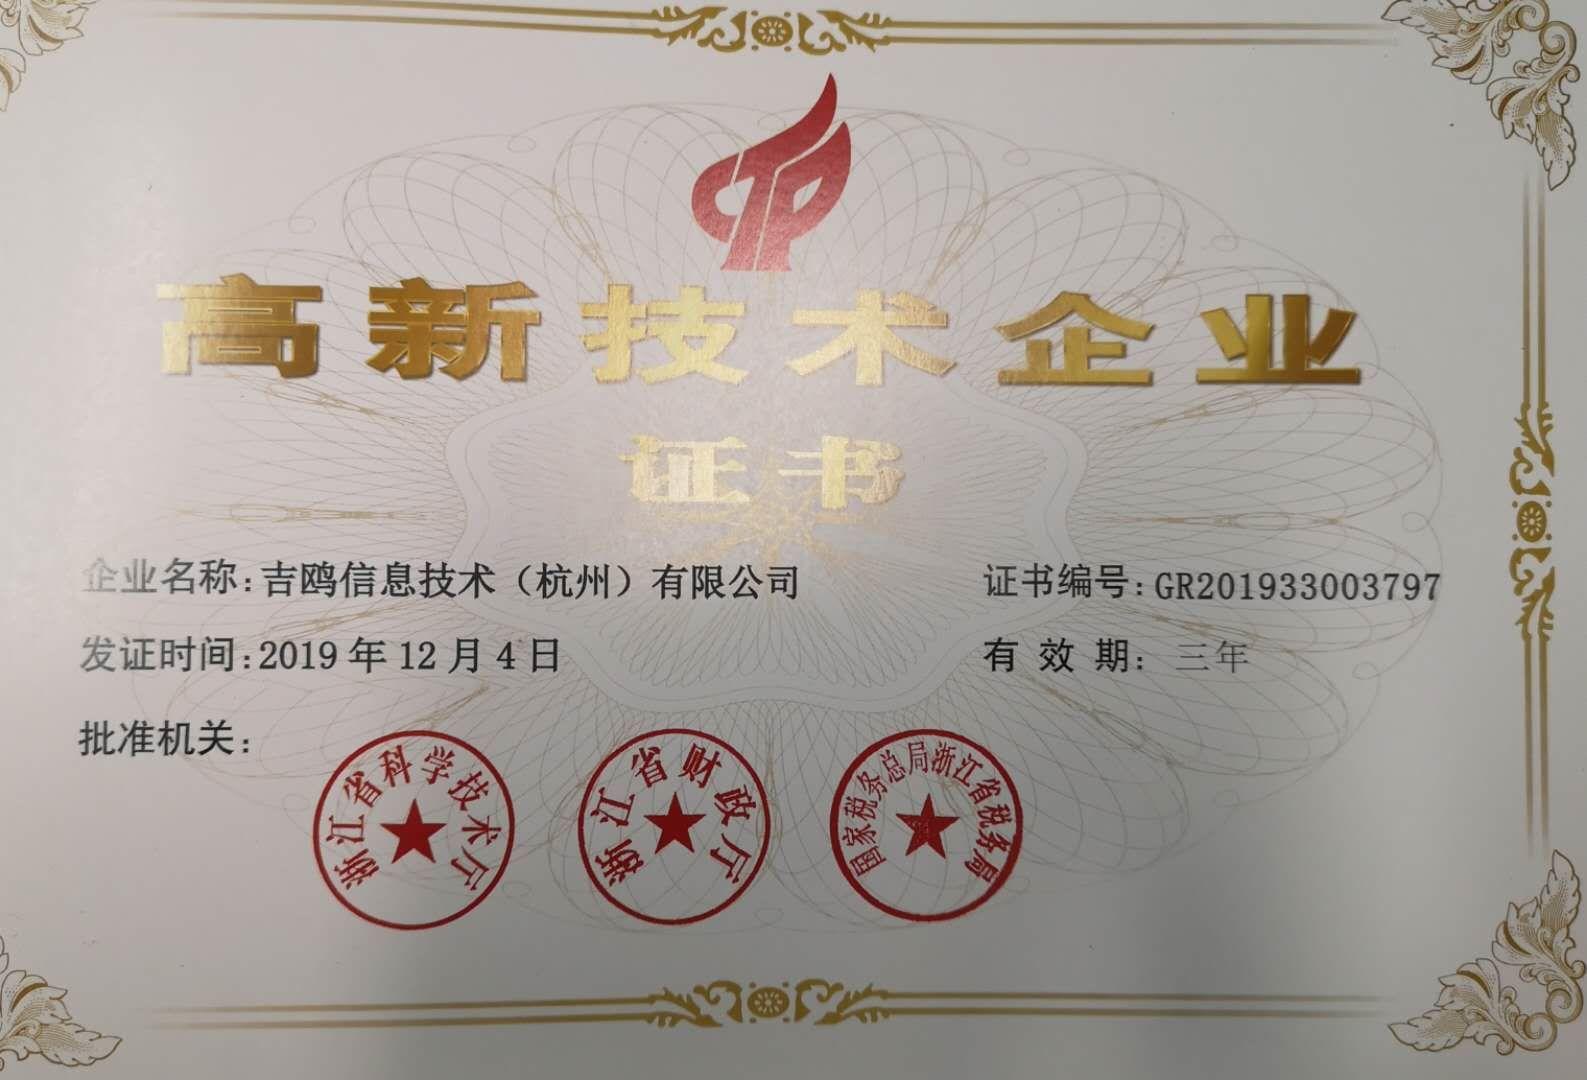 吉鸥喜获国家高新技术企业证书